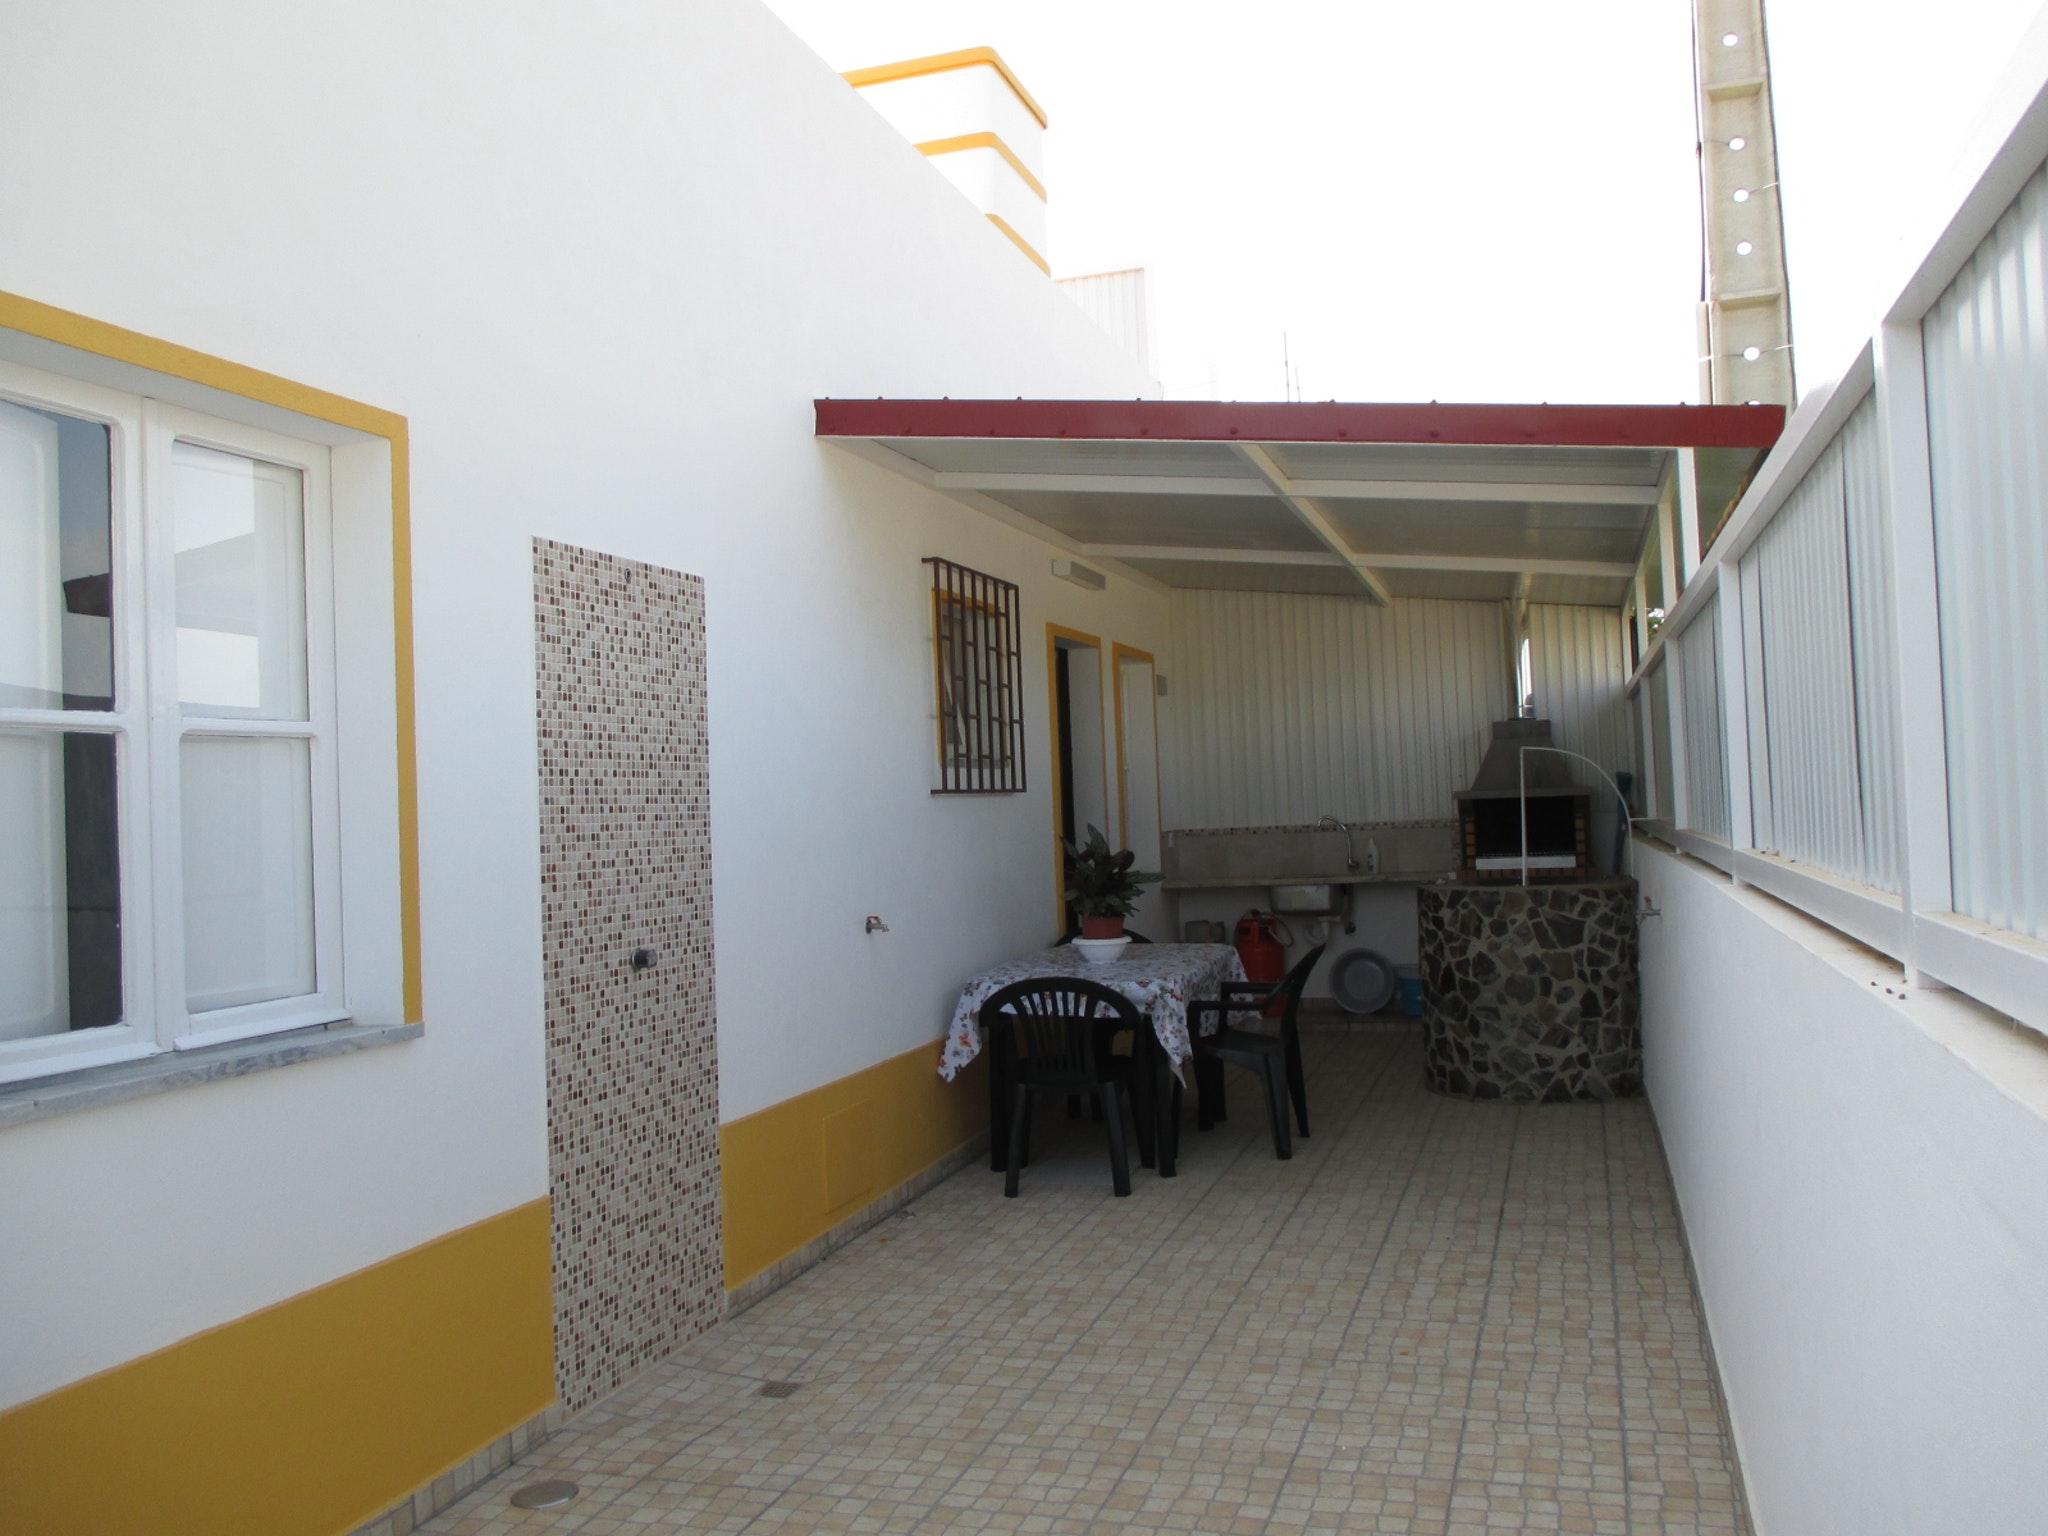 Ferienhaus Haus mit 3 Schlafzimmern in Luz (Luz de Tavira) mit eingezäuntem Garten - 2 km vom Strand  (2426449), Luz, Ria Formosa, Algarve, Portugal, Bild 17